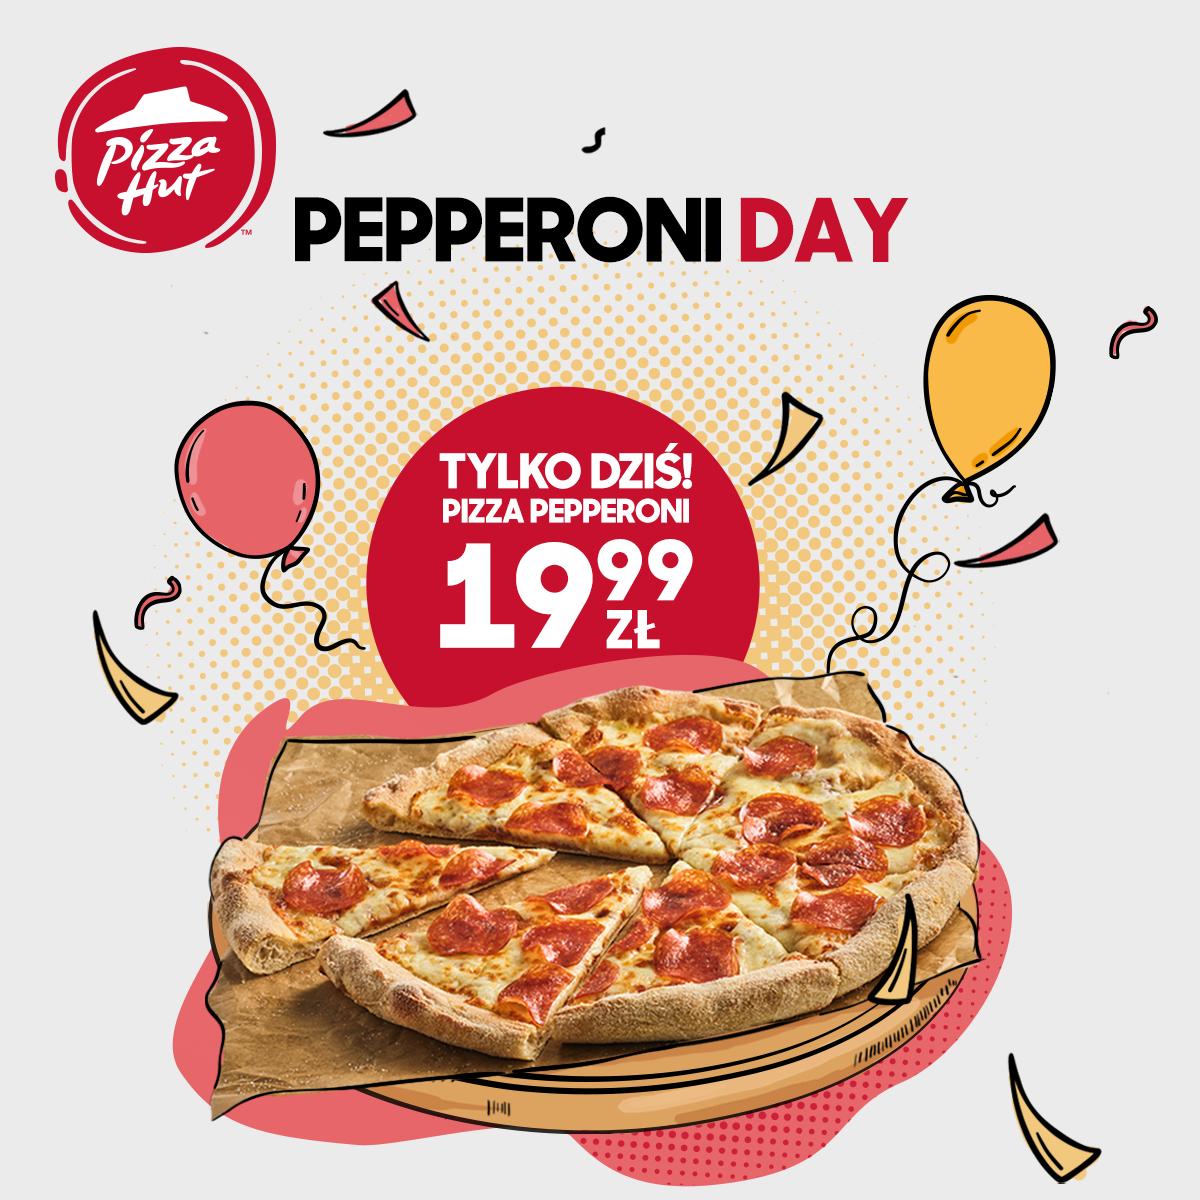 Pizza Pepperoni za 19.99 zł niezależnie od rozmiaru. Gratka dla Pepperowicza? @PizzaHut